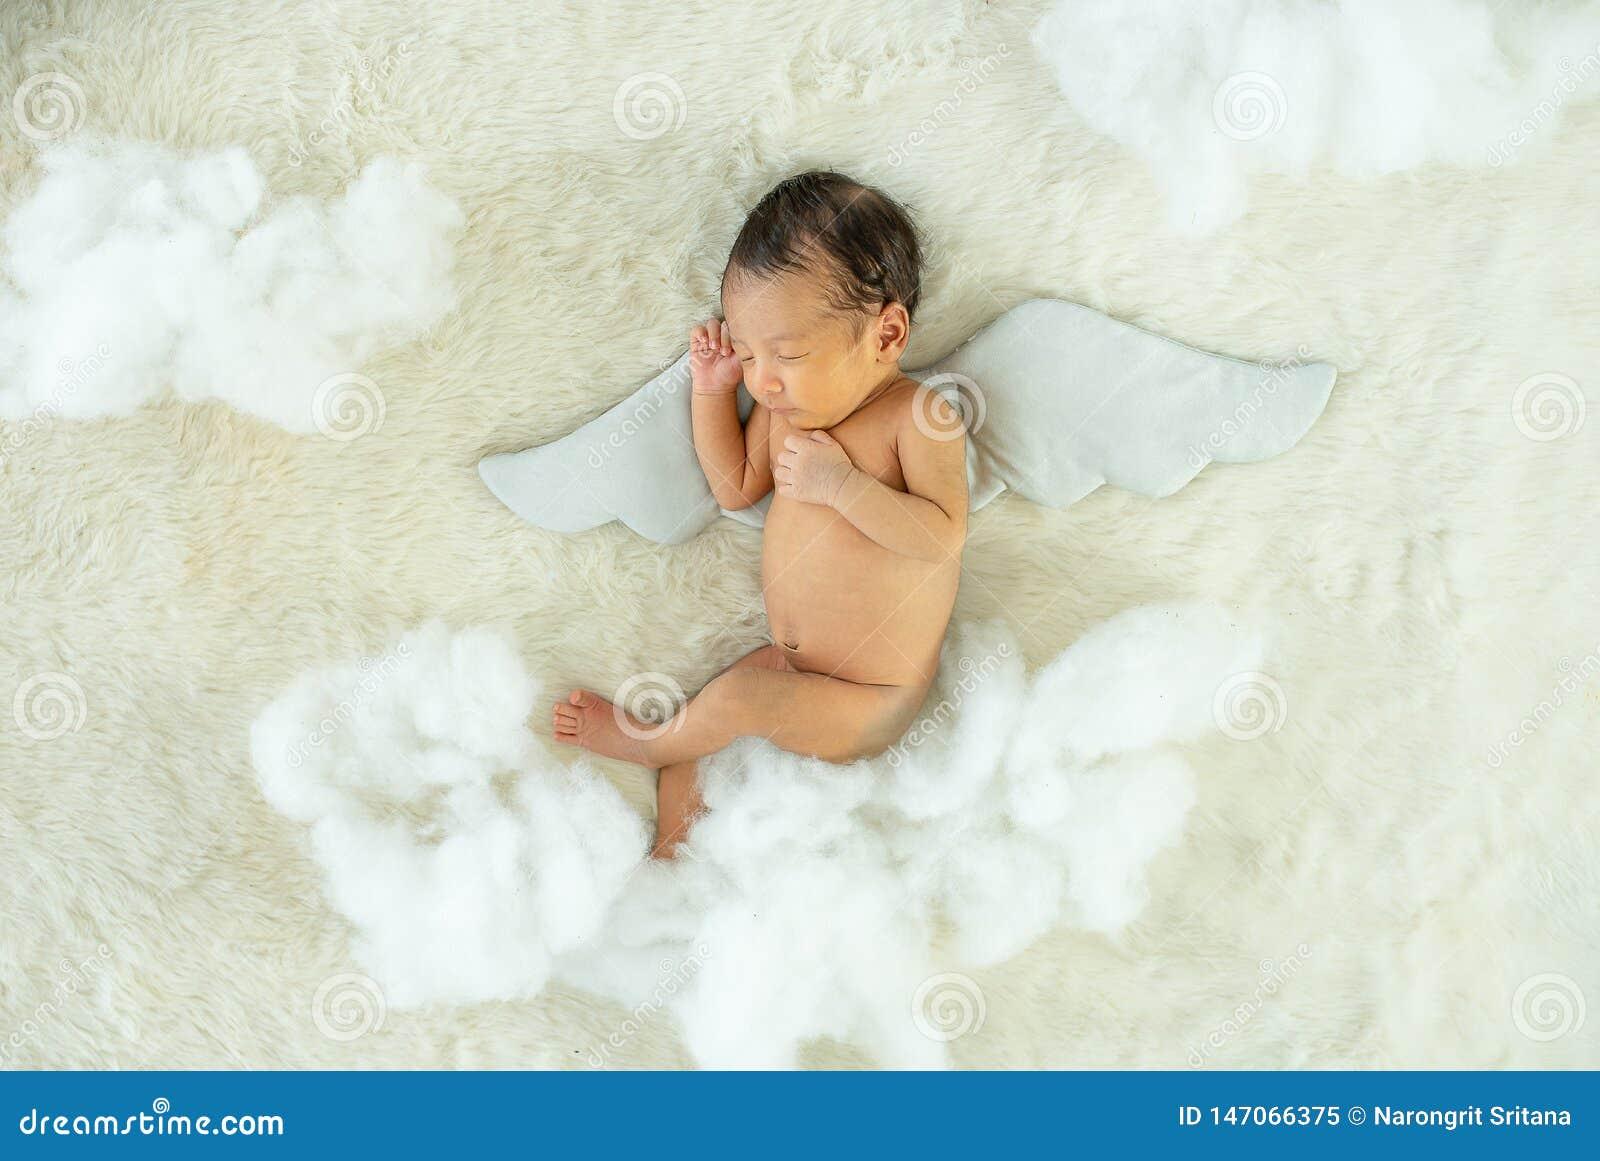 Λίγο νεογέννητο μωρό κοιμάται στο άσπρο κρεβάτι με τα βοηθητικά και χνουδωτά pandas φτερών